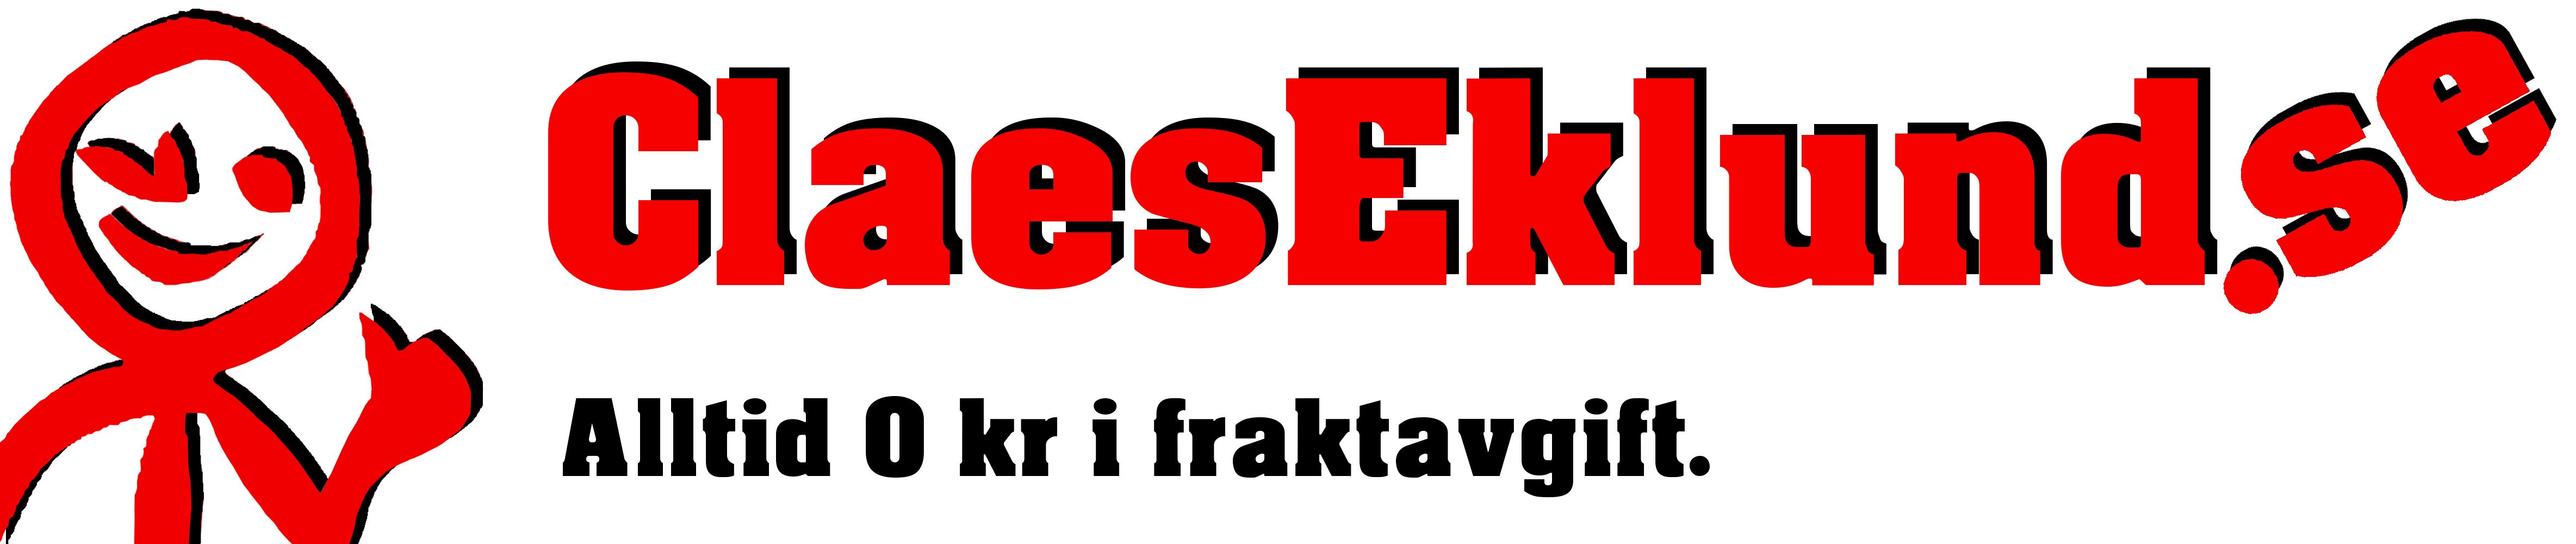 ClaesEklund.se